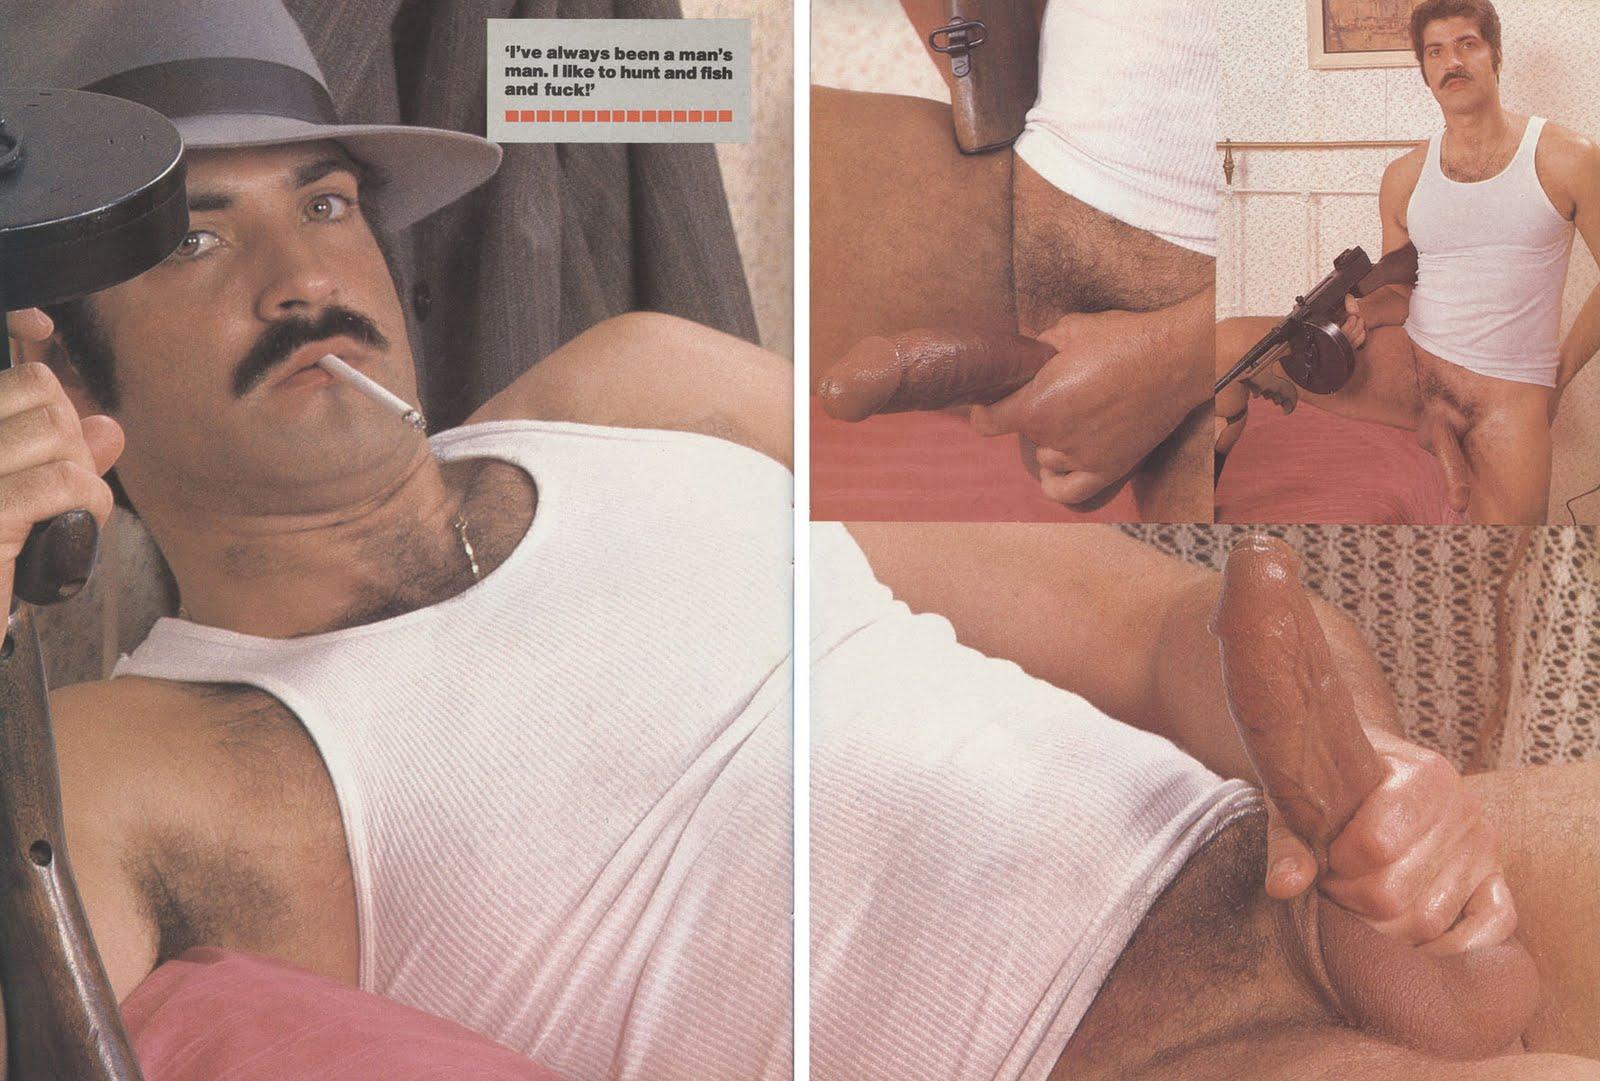 I Am Legend Porn Parody - Sex Porn Images